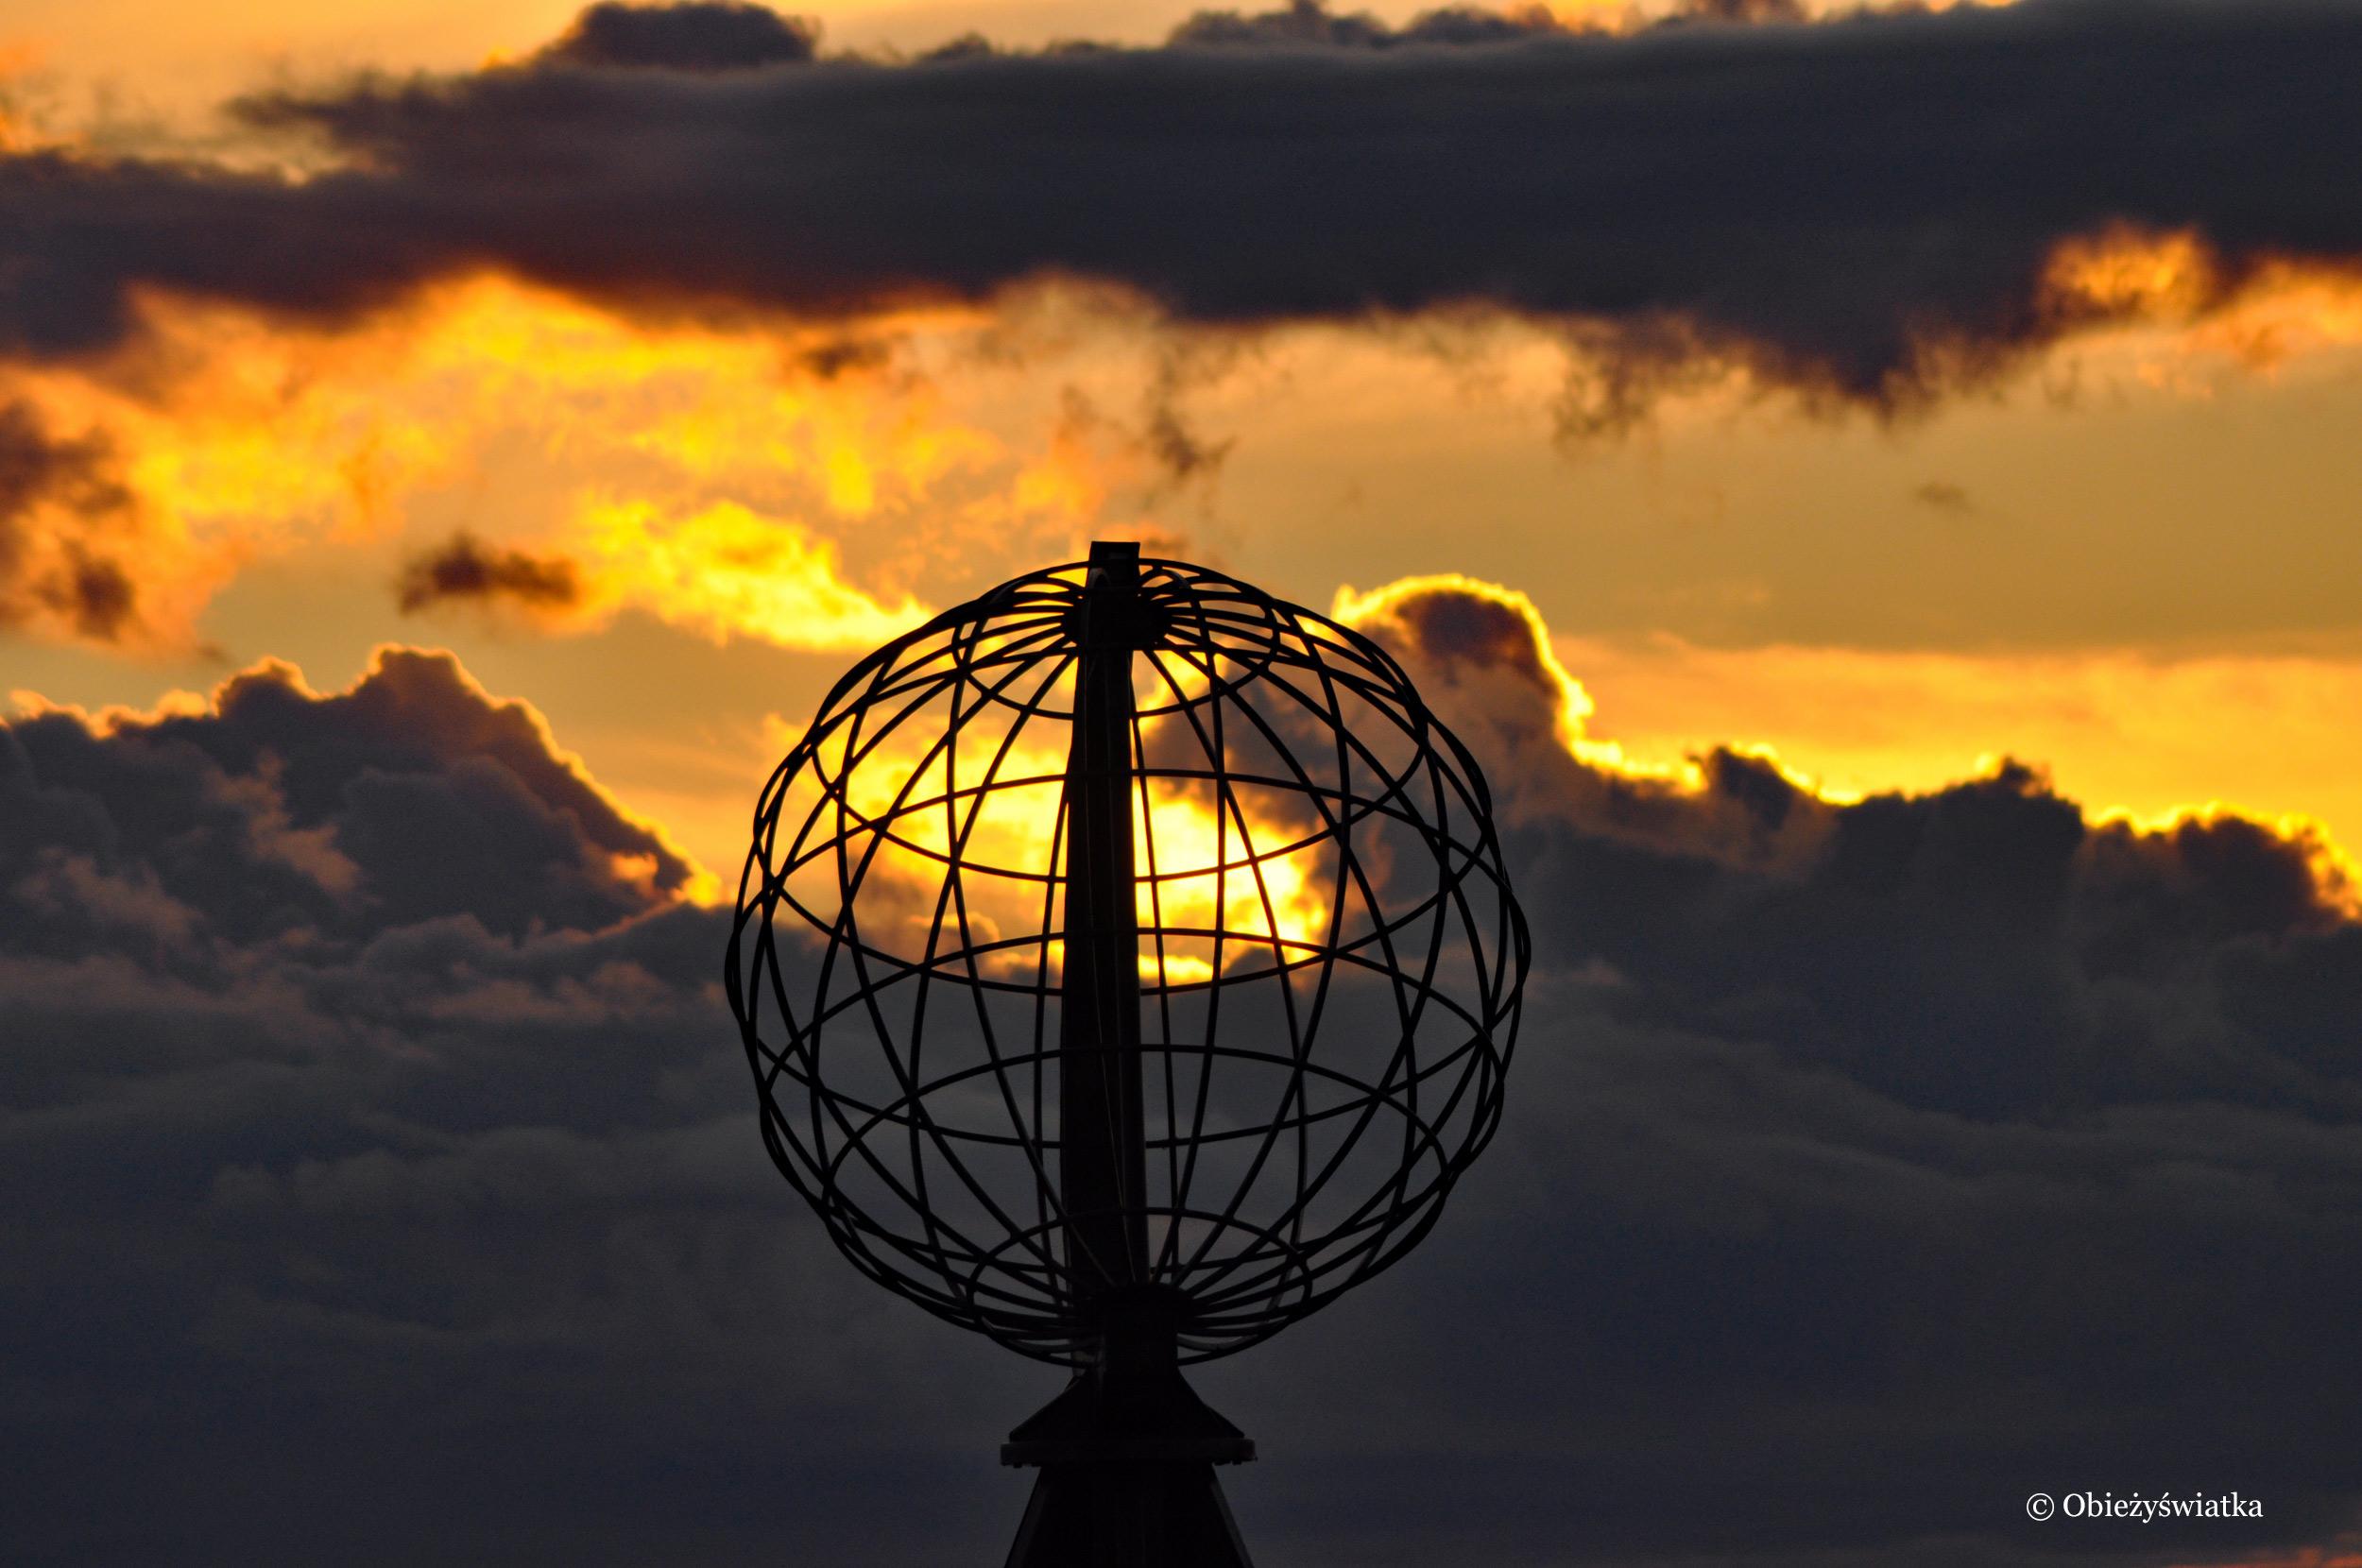 Globus o zachodzie słońca, Nordkapp / Przylądek Północny, Norwegia